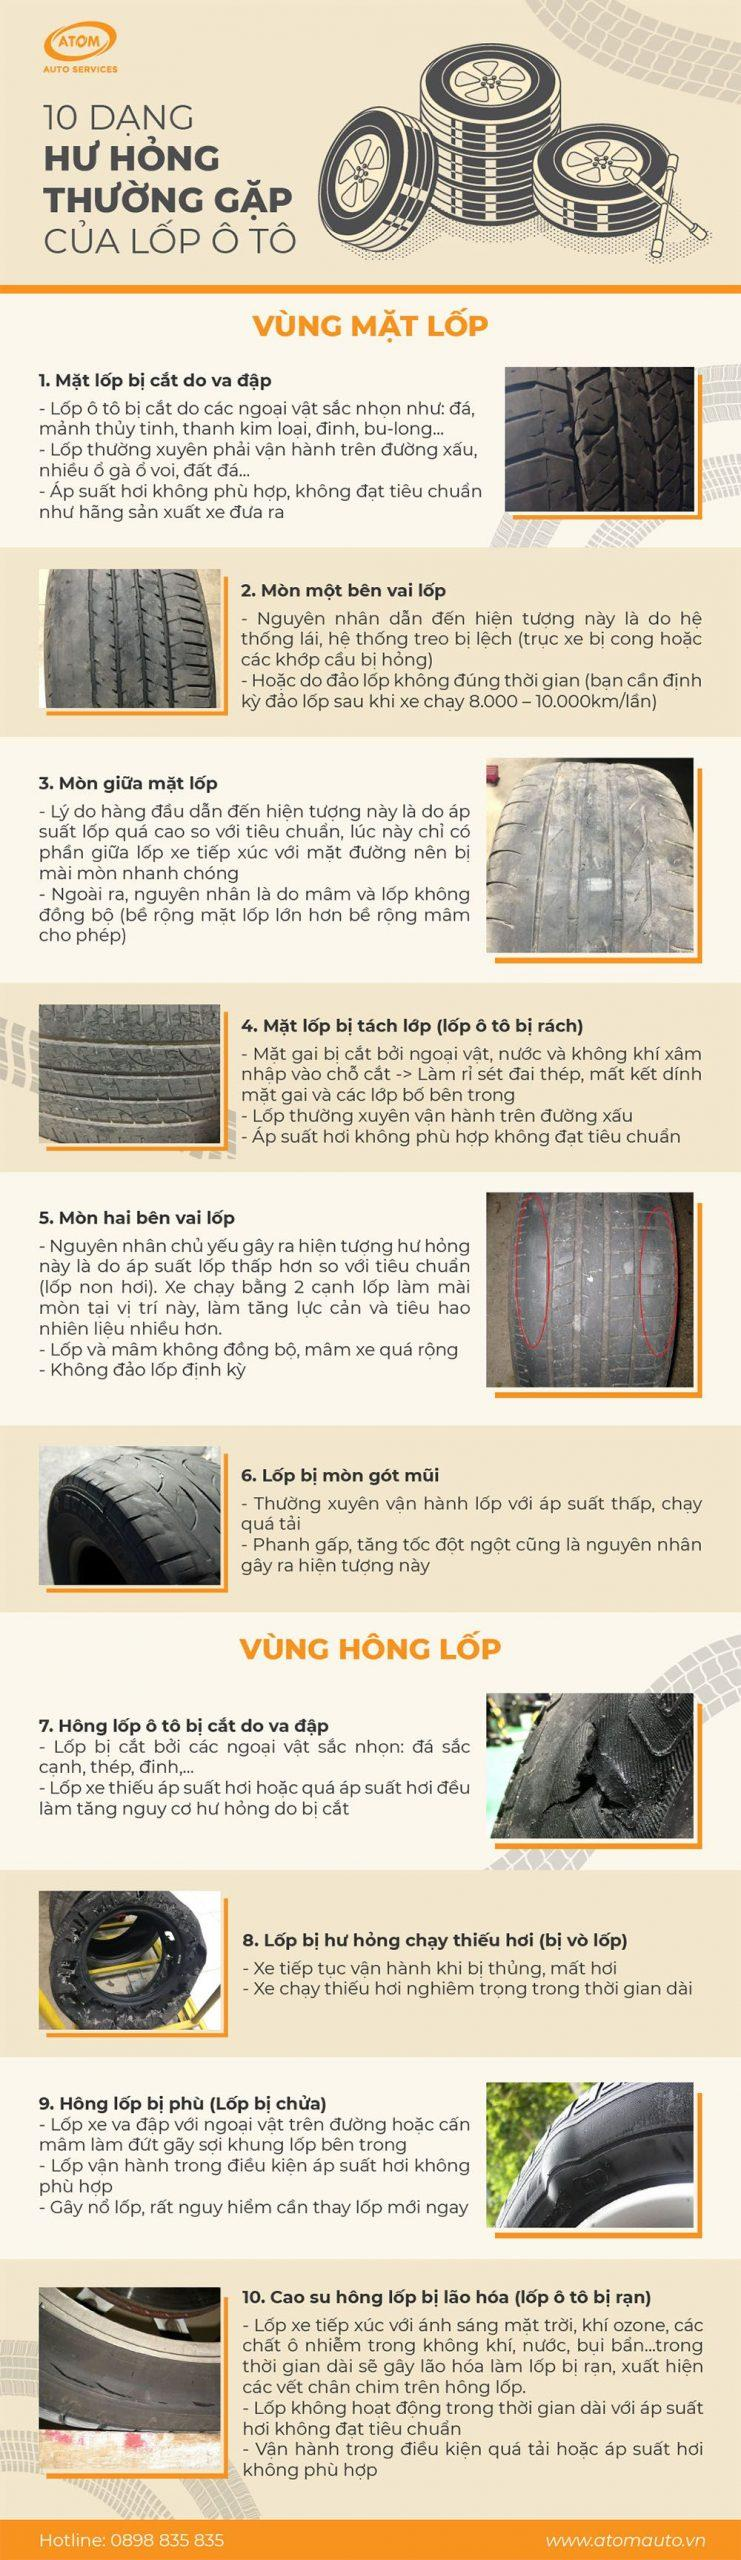 10 dạng hư hỏng thường gặp của lốp ô tô